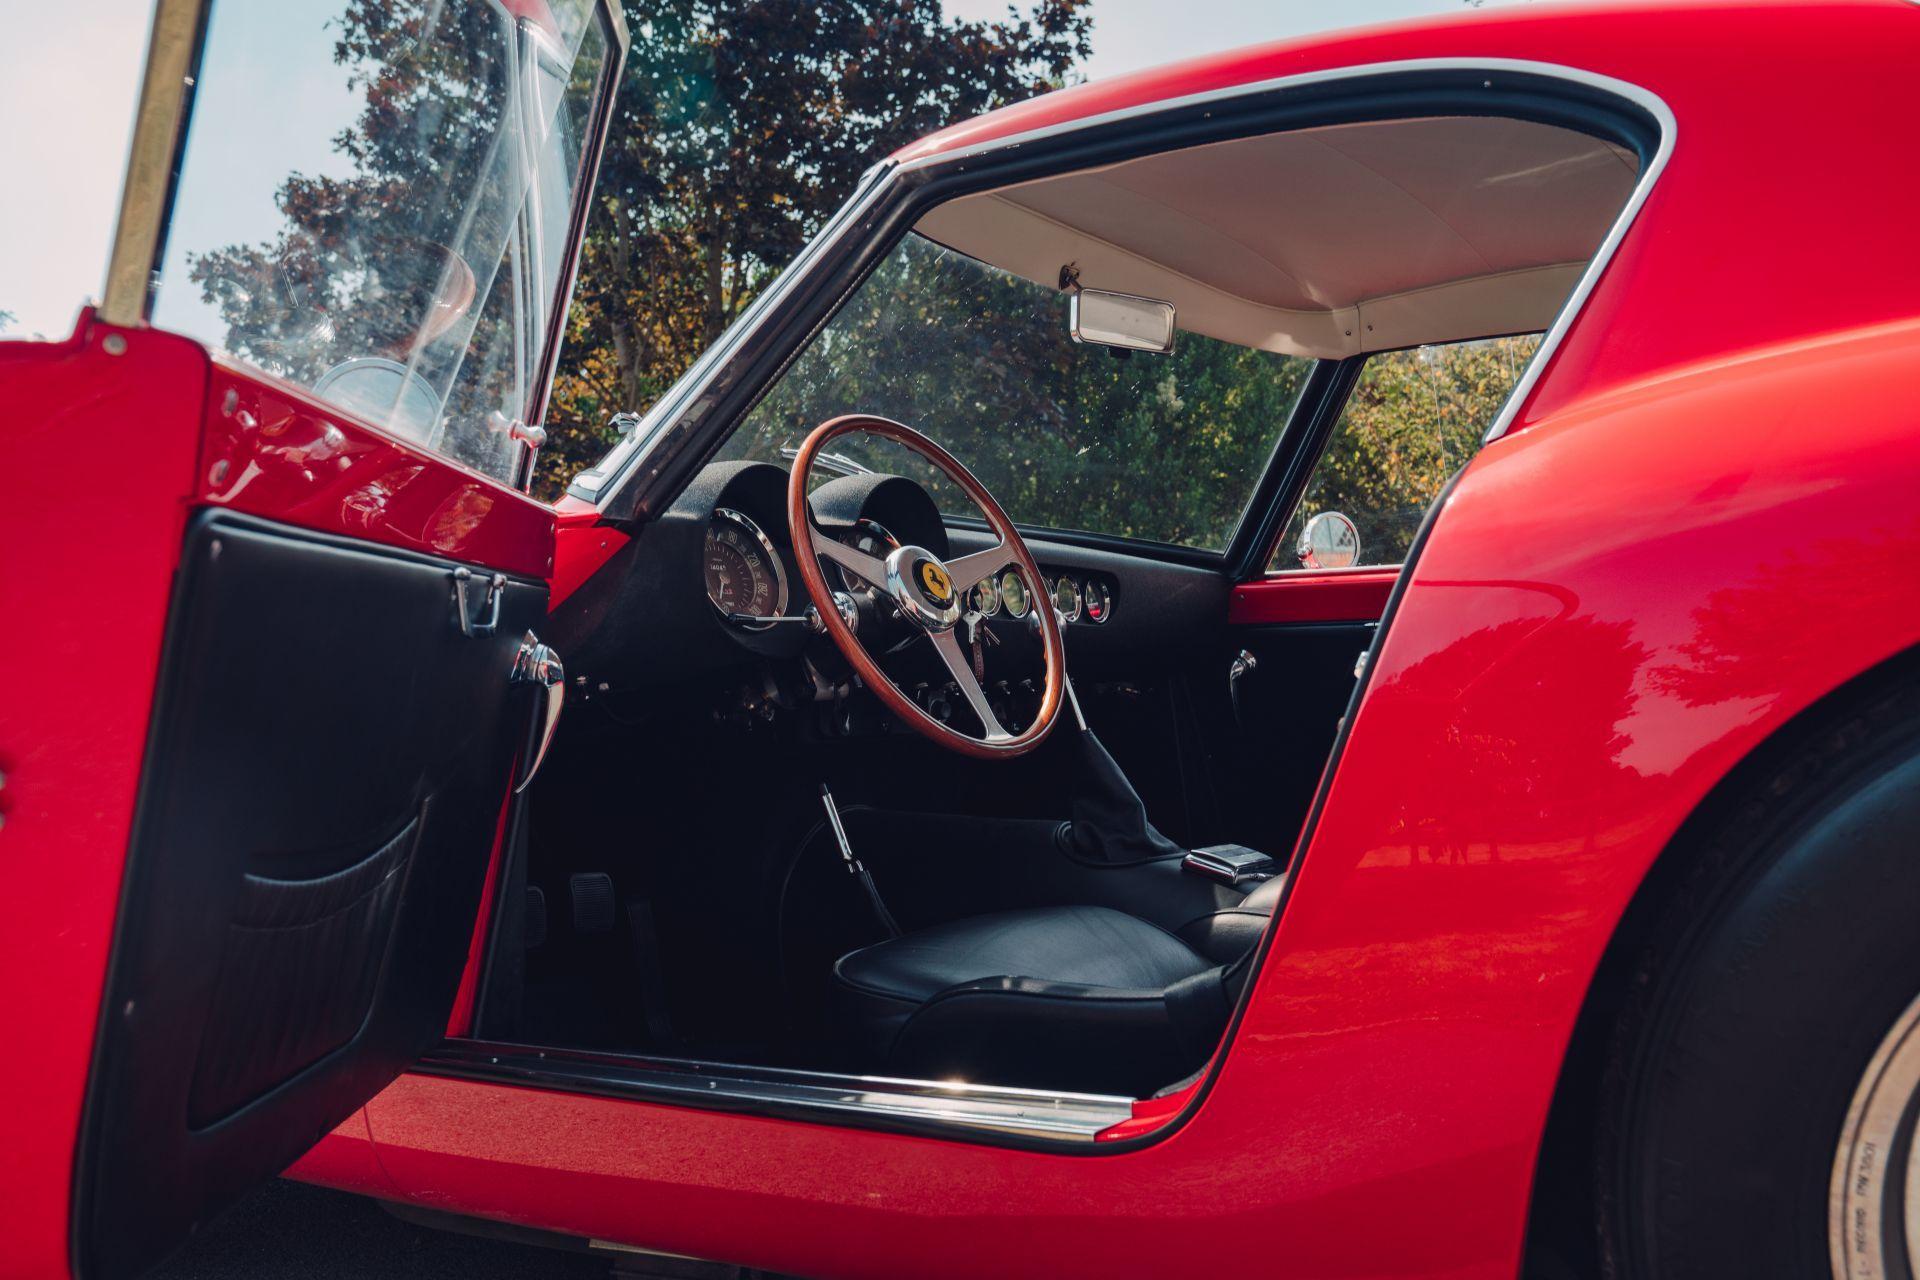 Ferrari-250-GT-SWB-Berlinetta-Competizione-Revival-by-GTO-Engineering-29